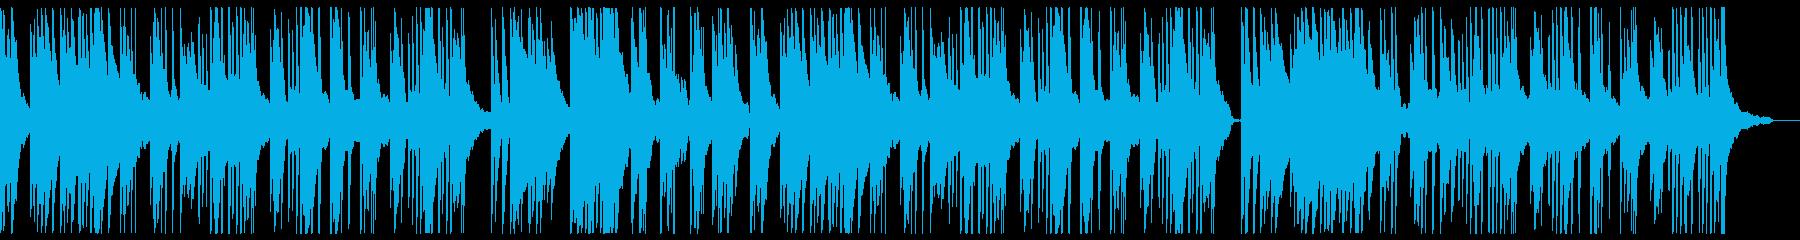 しっとりとしたピアノバラードの再生済みの波形